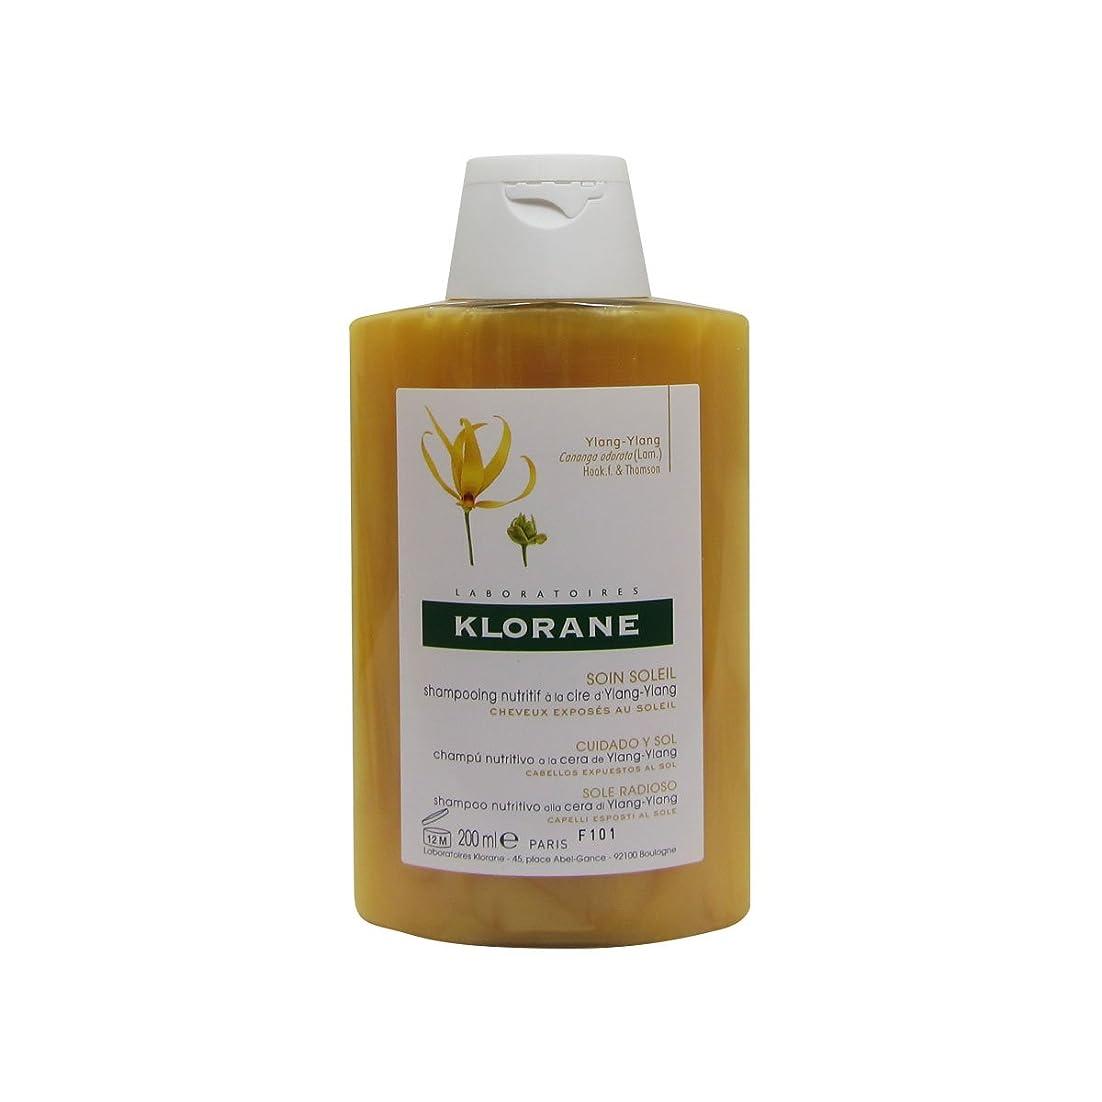 歌失望させるアーサーKlorane Ylang Ylang Nourishing Shampoo Hair Exposed To The Sun 200ml [並行輸入品]